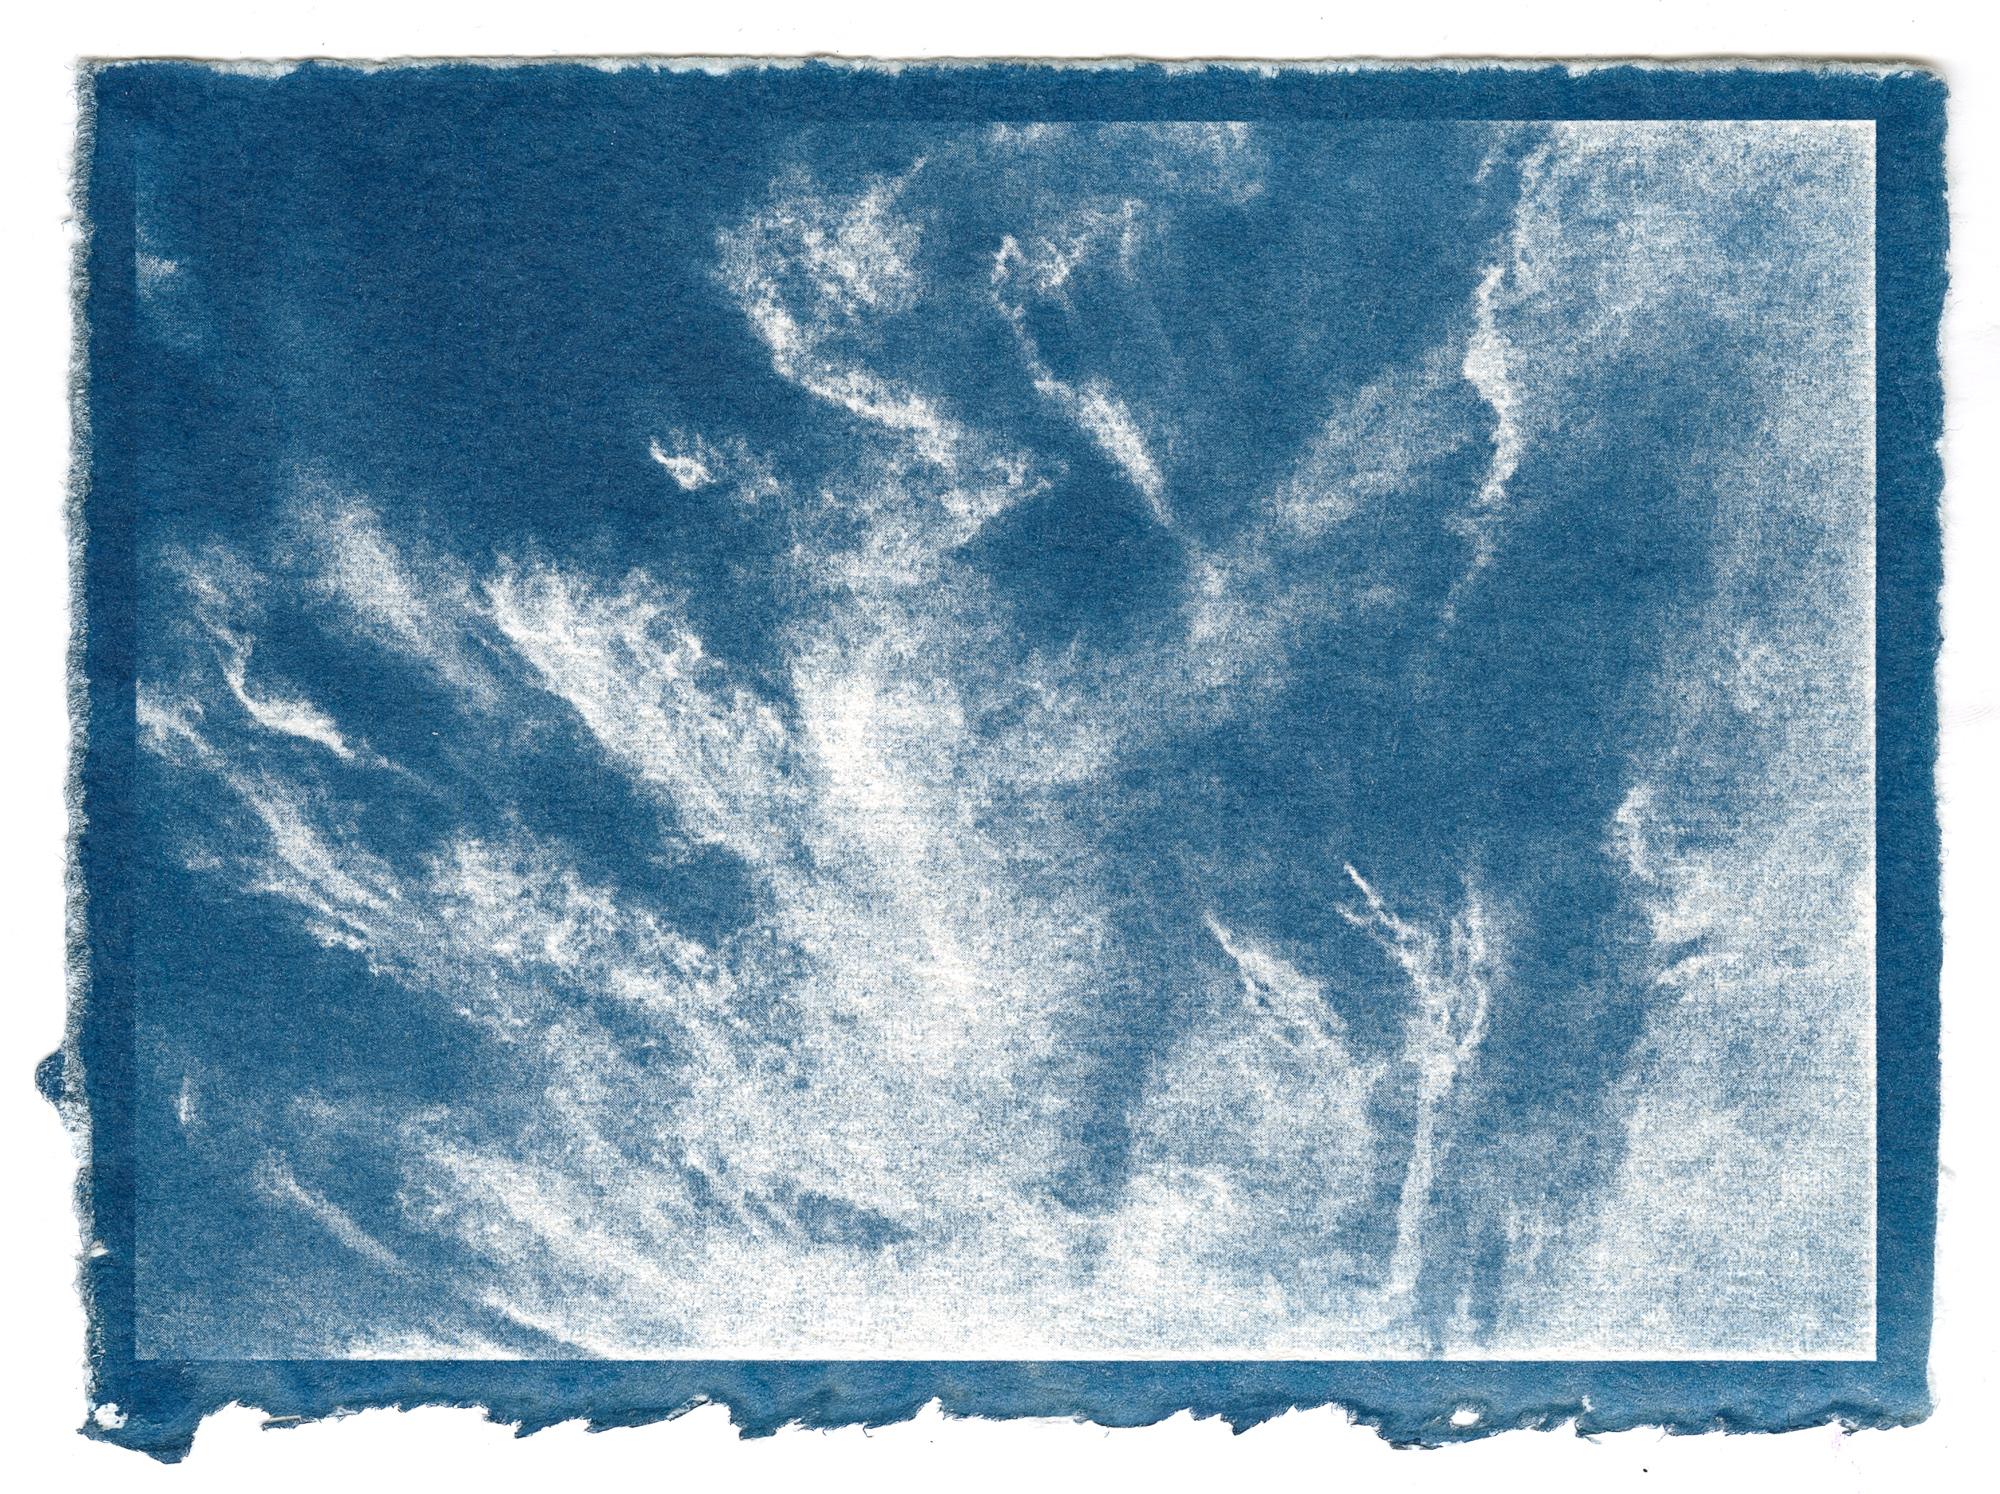 Sky 1 (22).jpg